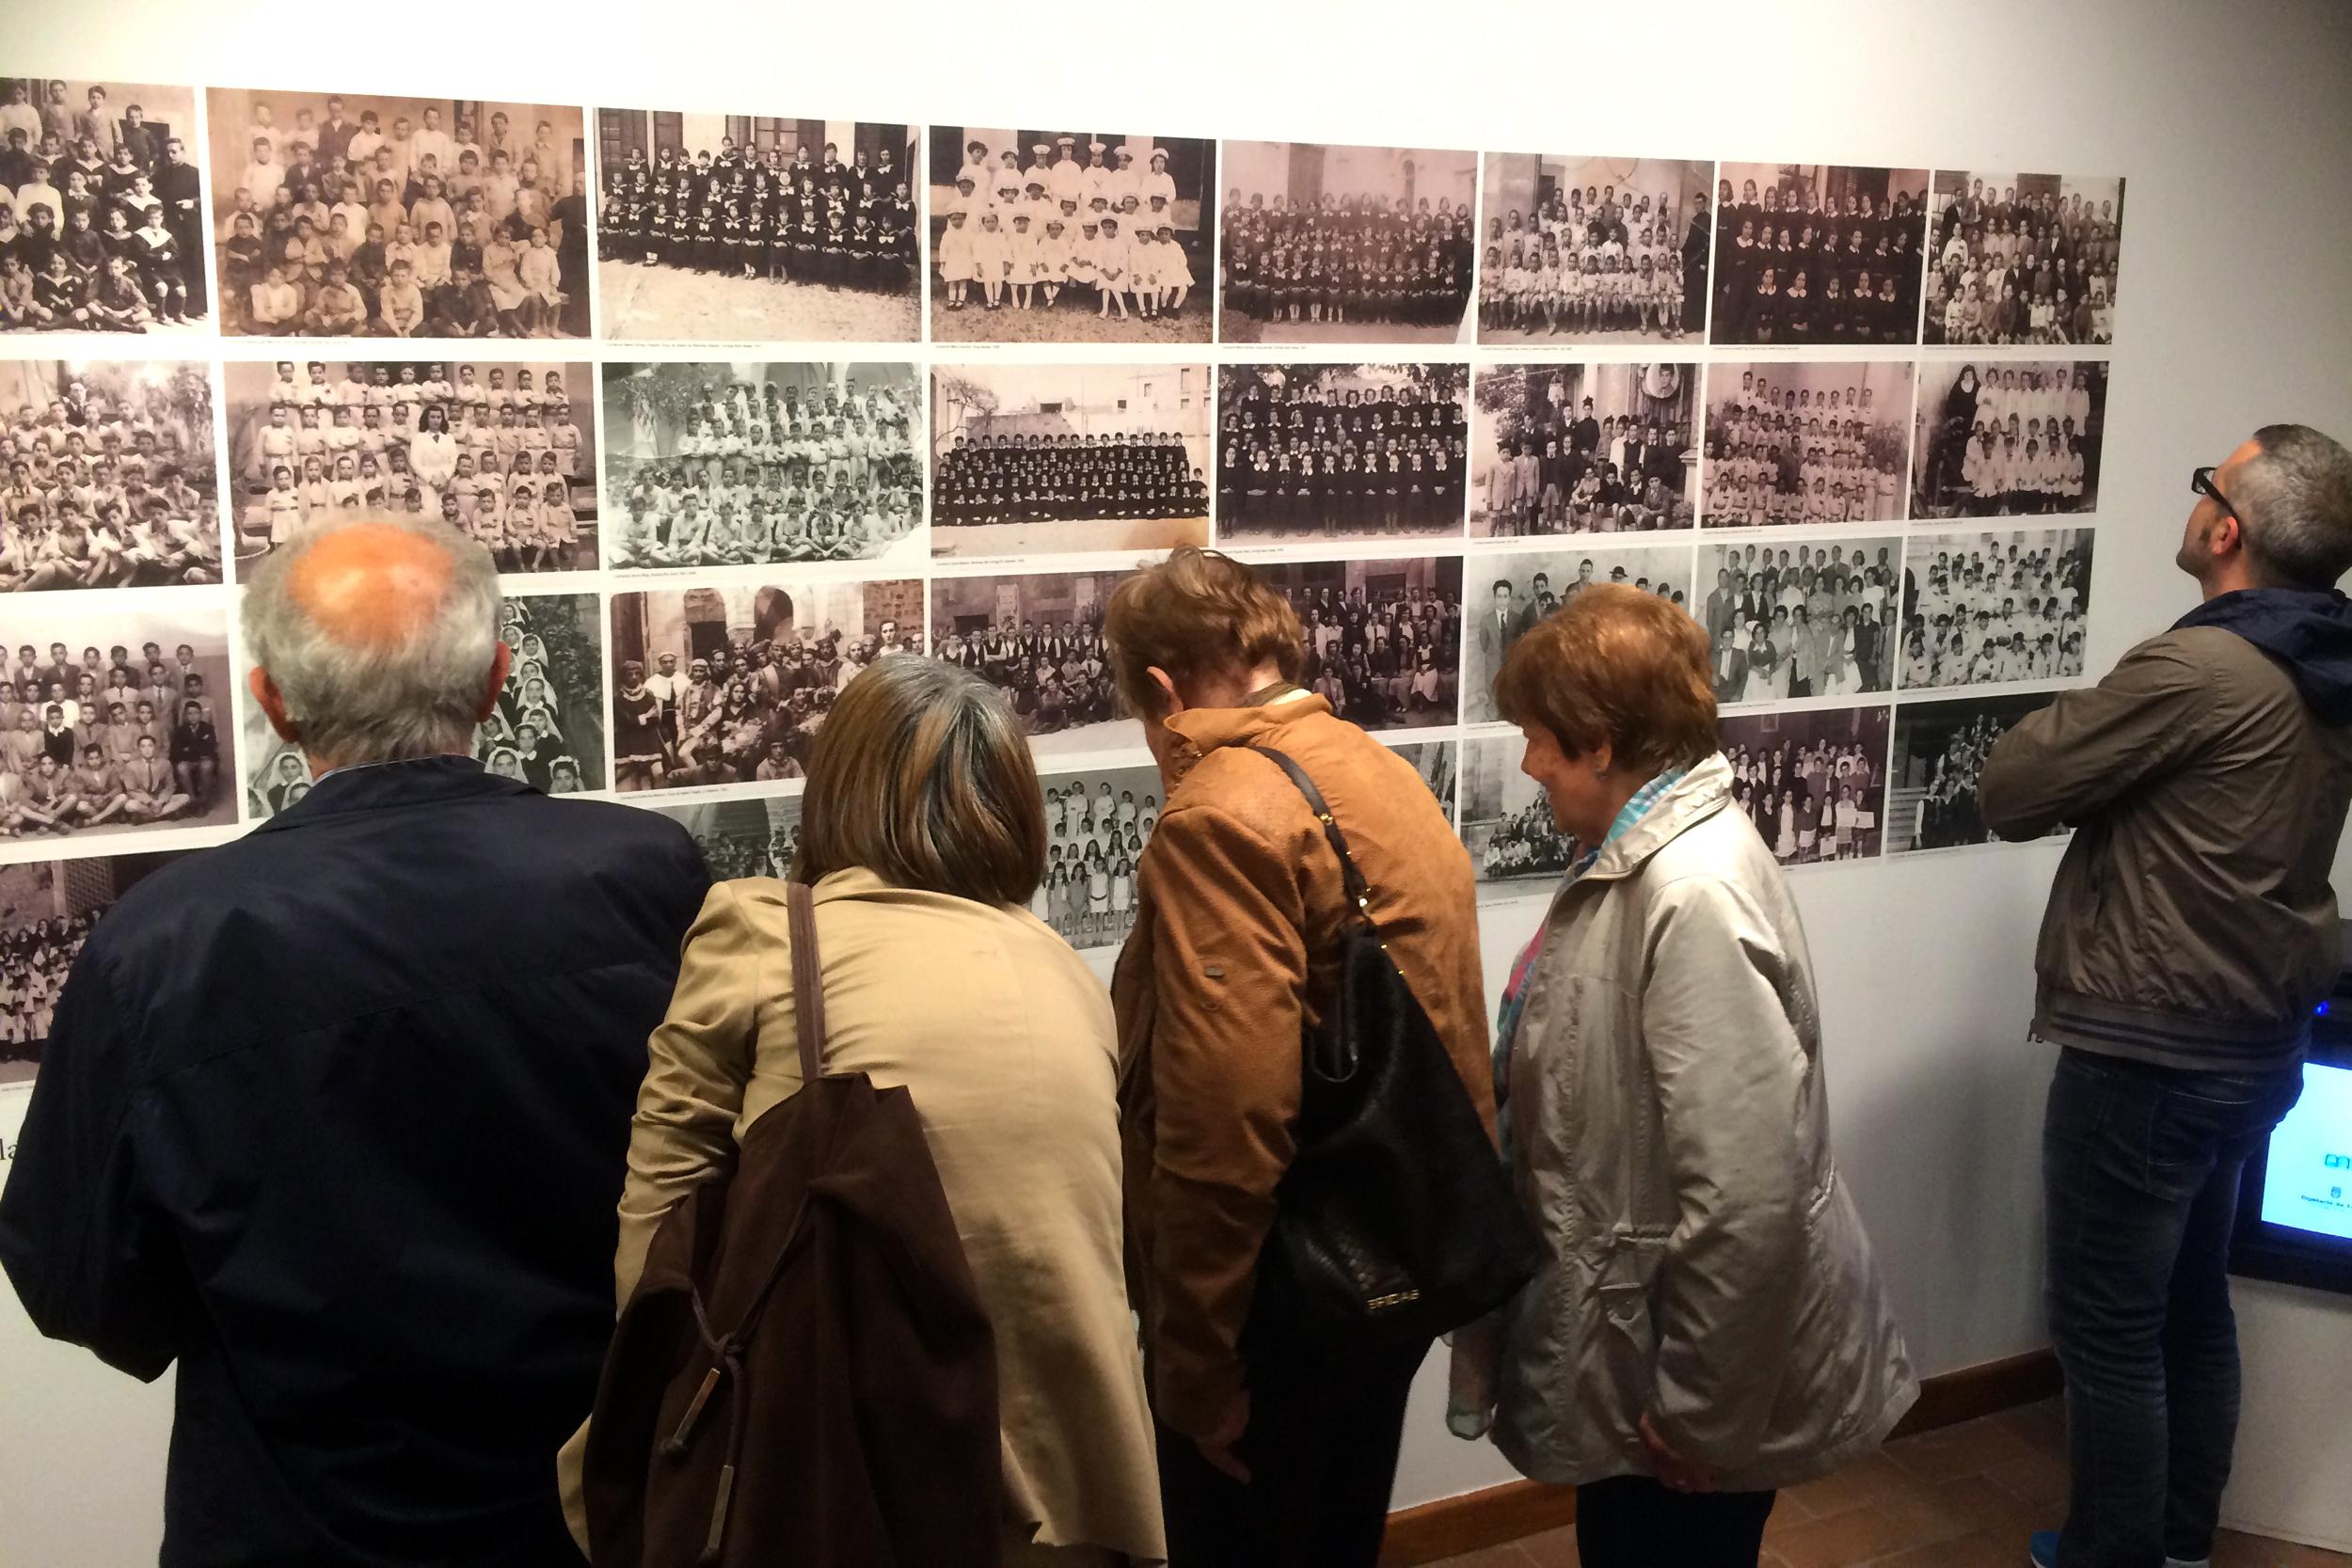 L'exposició Arxius de família de Tàrrega assoleix 2.428 visites, xifra rècord a les sales temporals del Museu Comarcal de l'Urgell